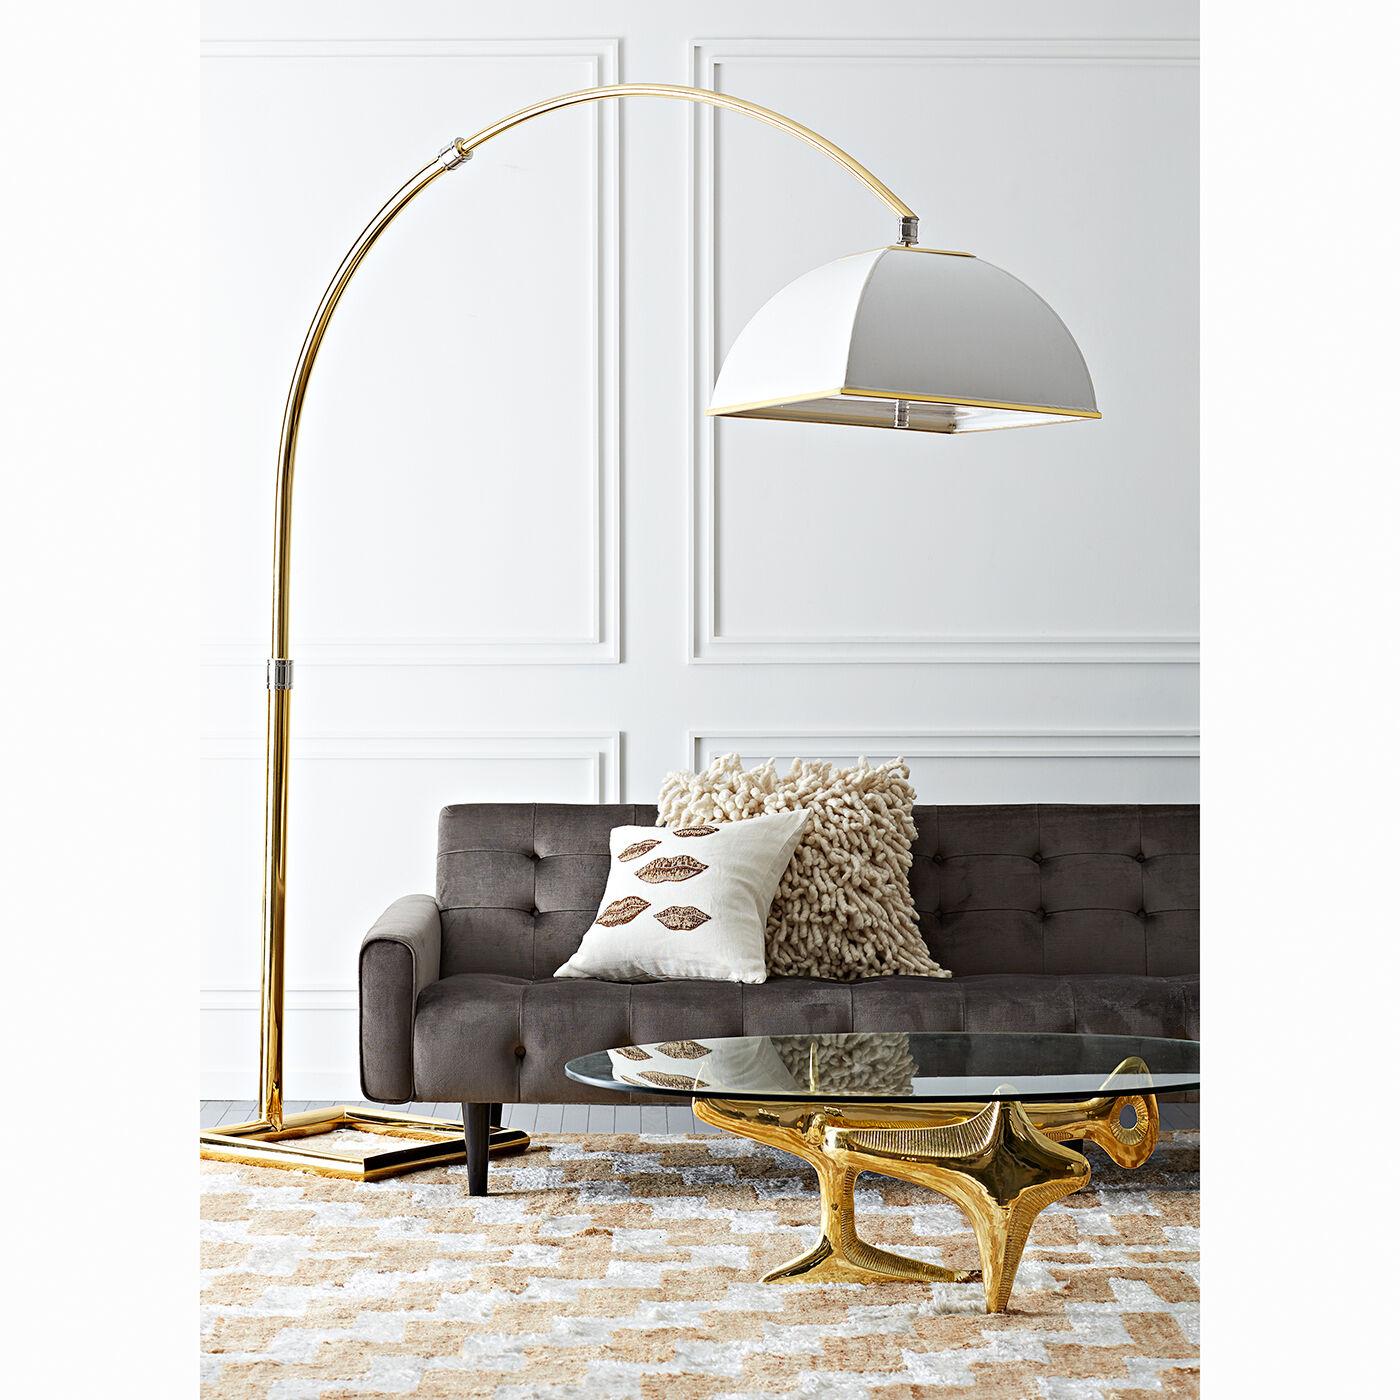 floor lamps electrum arc floor lamp - Arched Floor Lamp